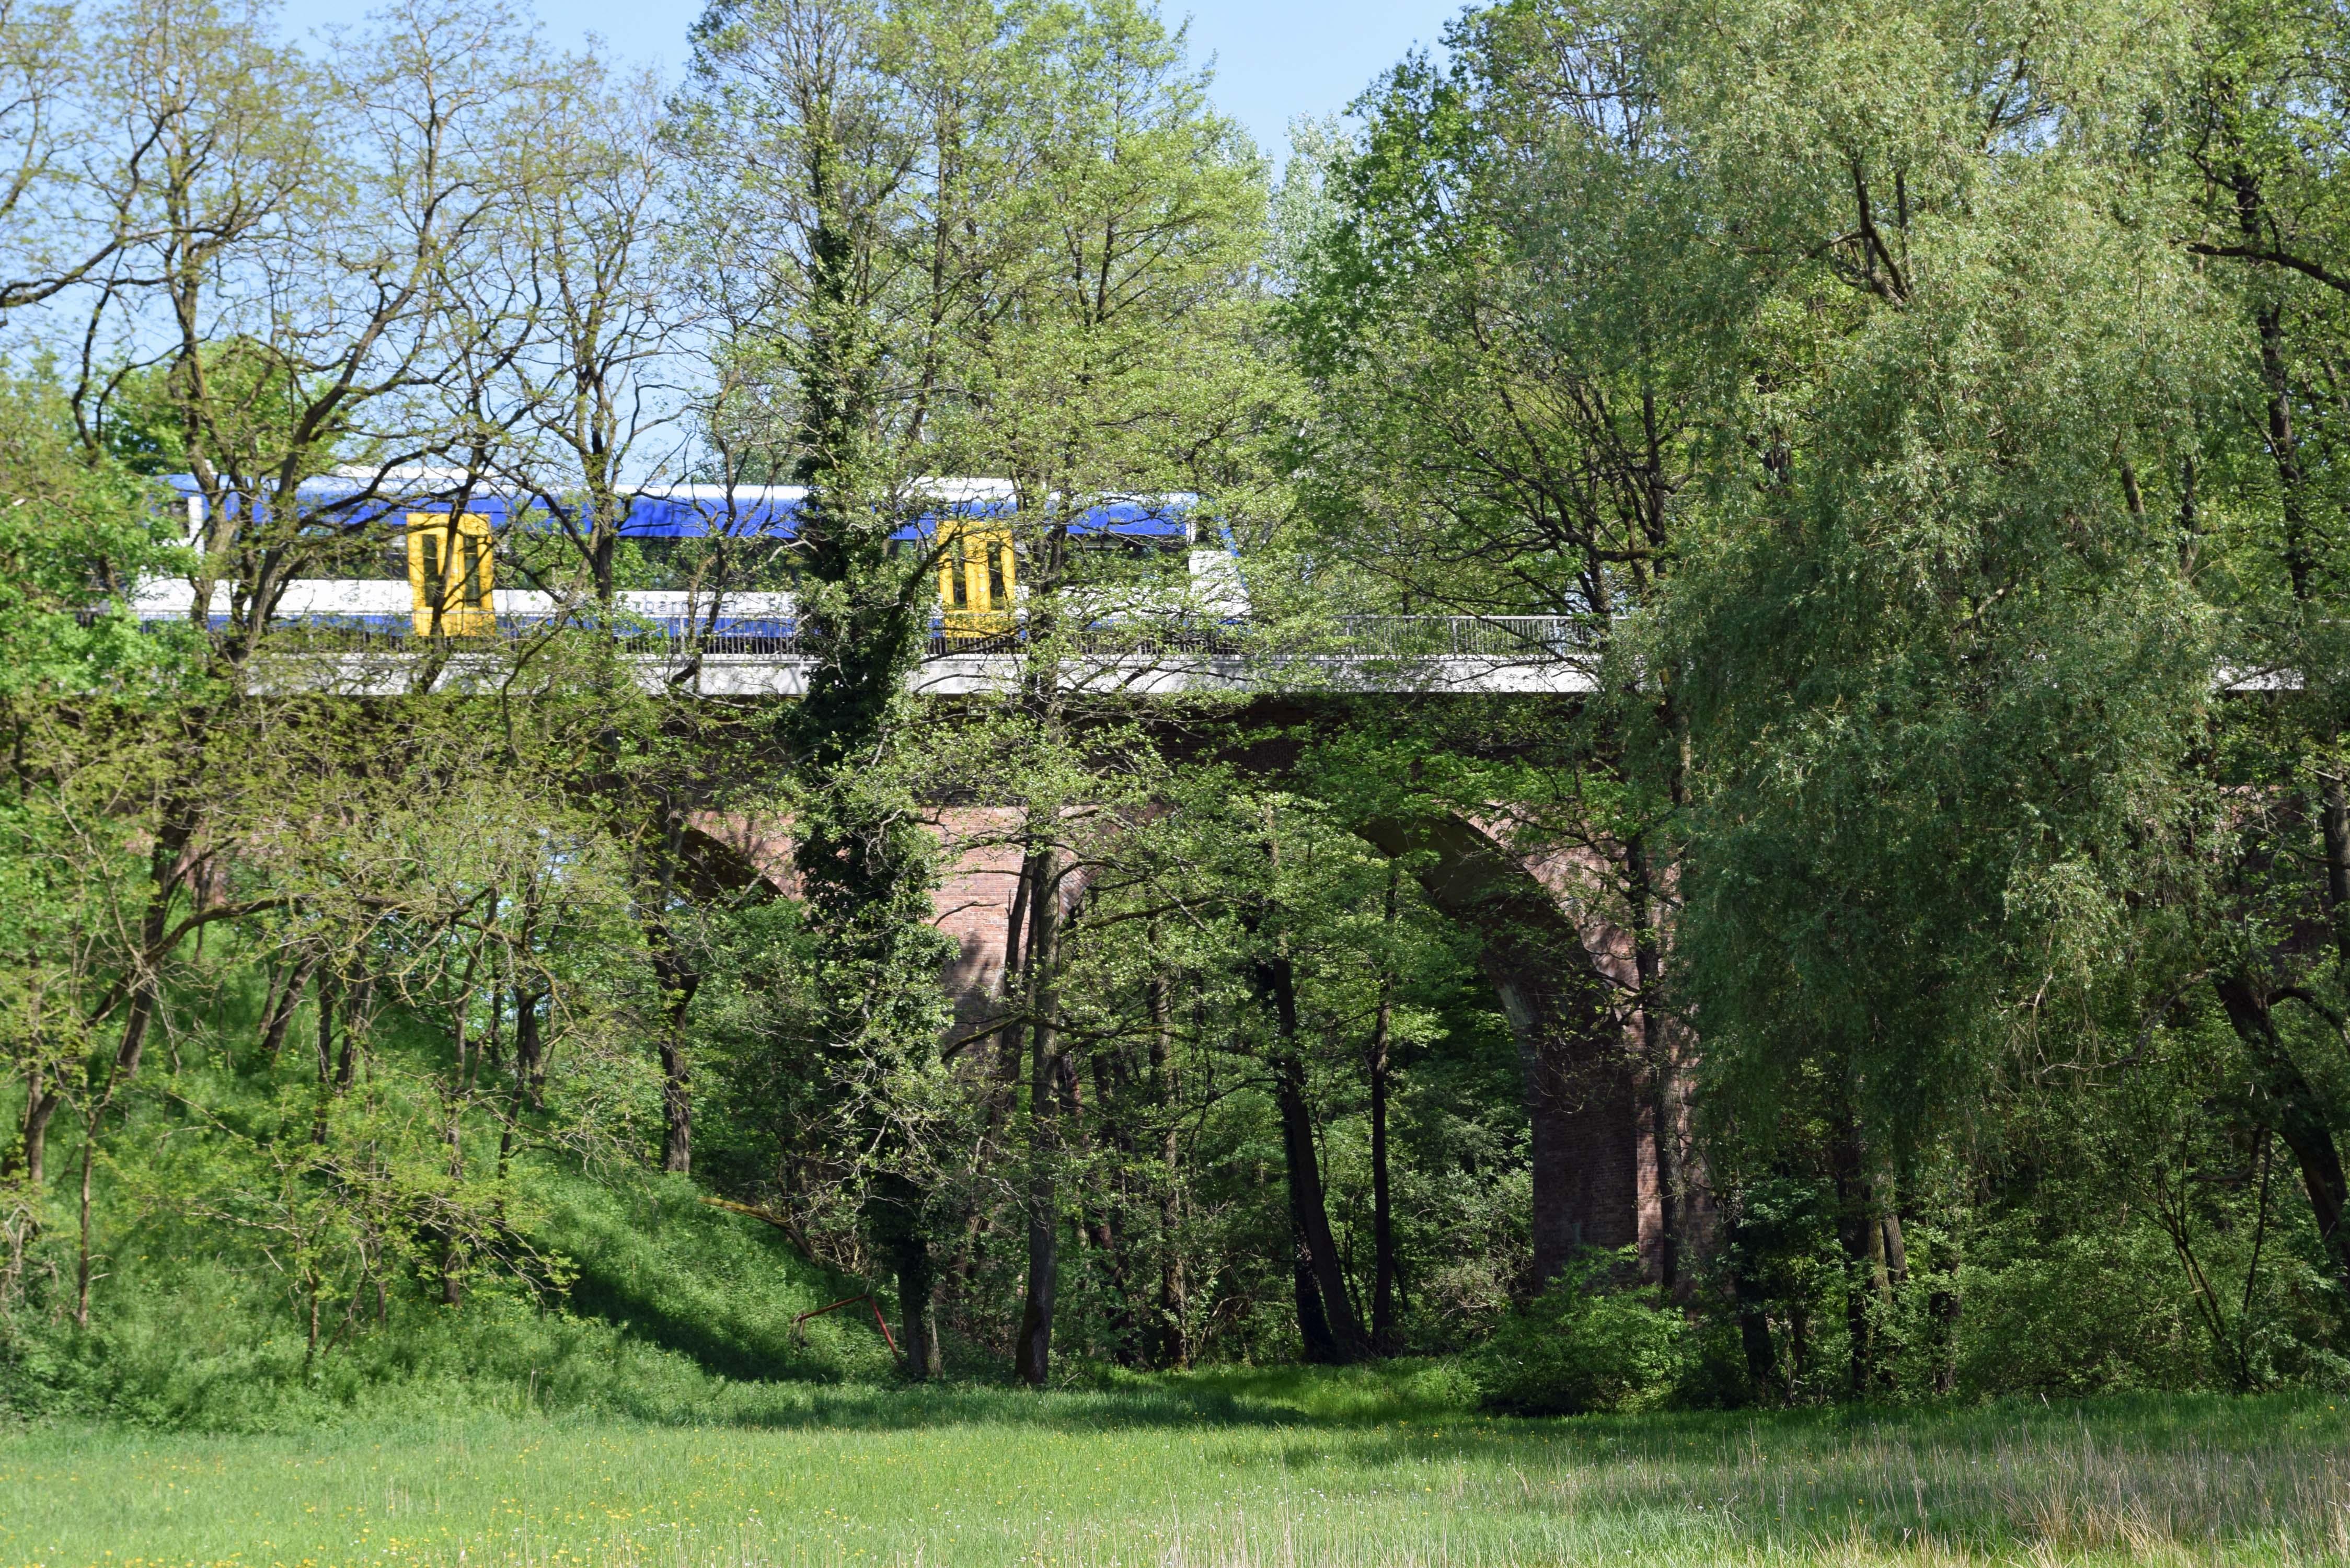 Eisenbahnviadukt bei Lindenberg in der Nähe von Beeskow in Brandenburg mit einem blau-gelben Triebwagen bei der Überfahrt